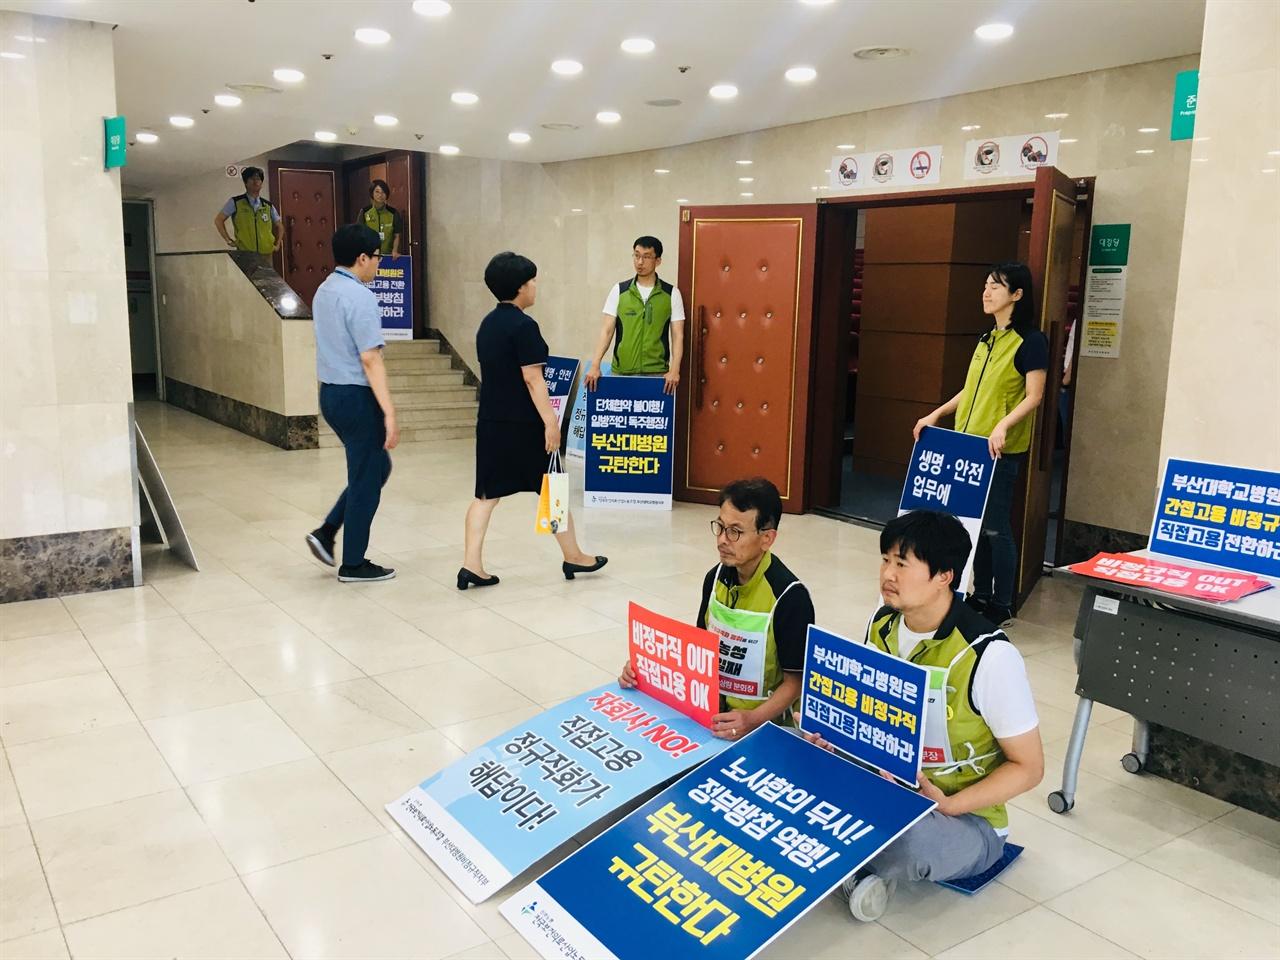 노동조합 조합원들이 공청회장 입구 주변으로 피켓을 들고 서있다.